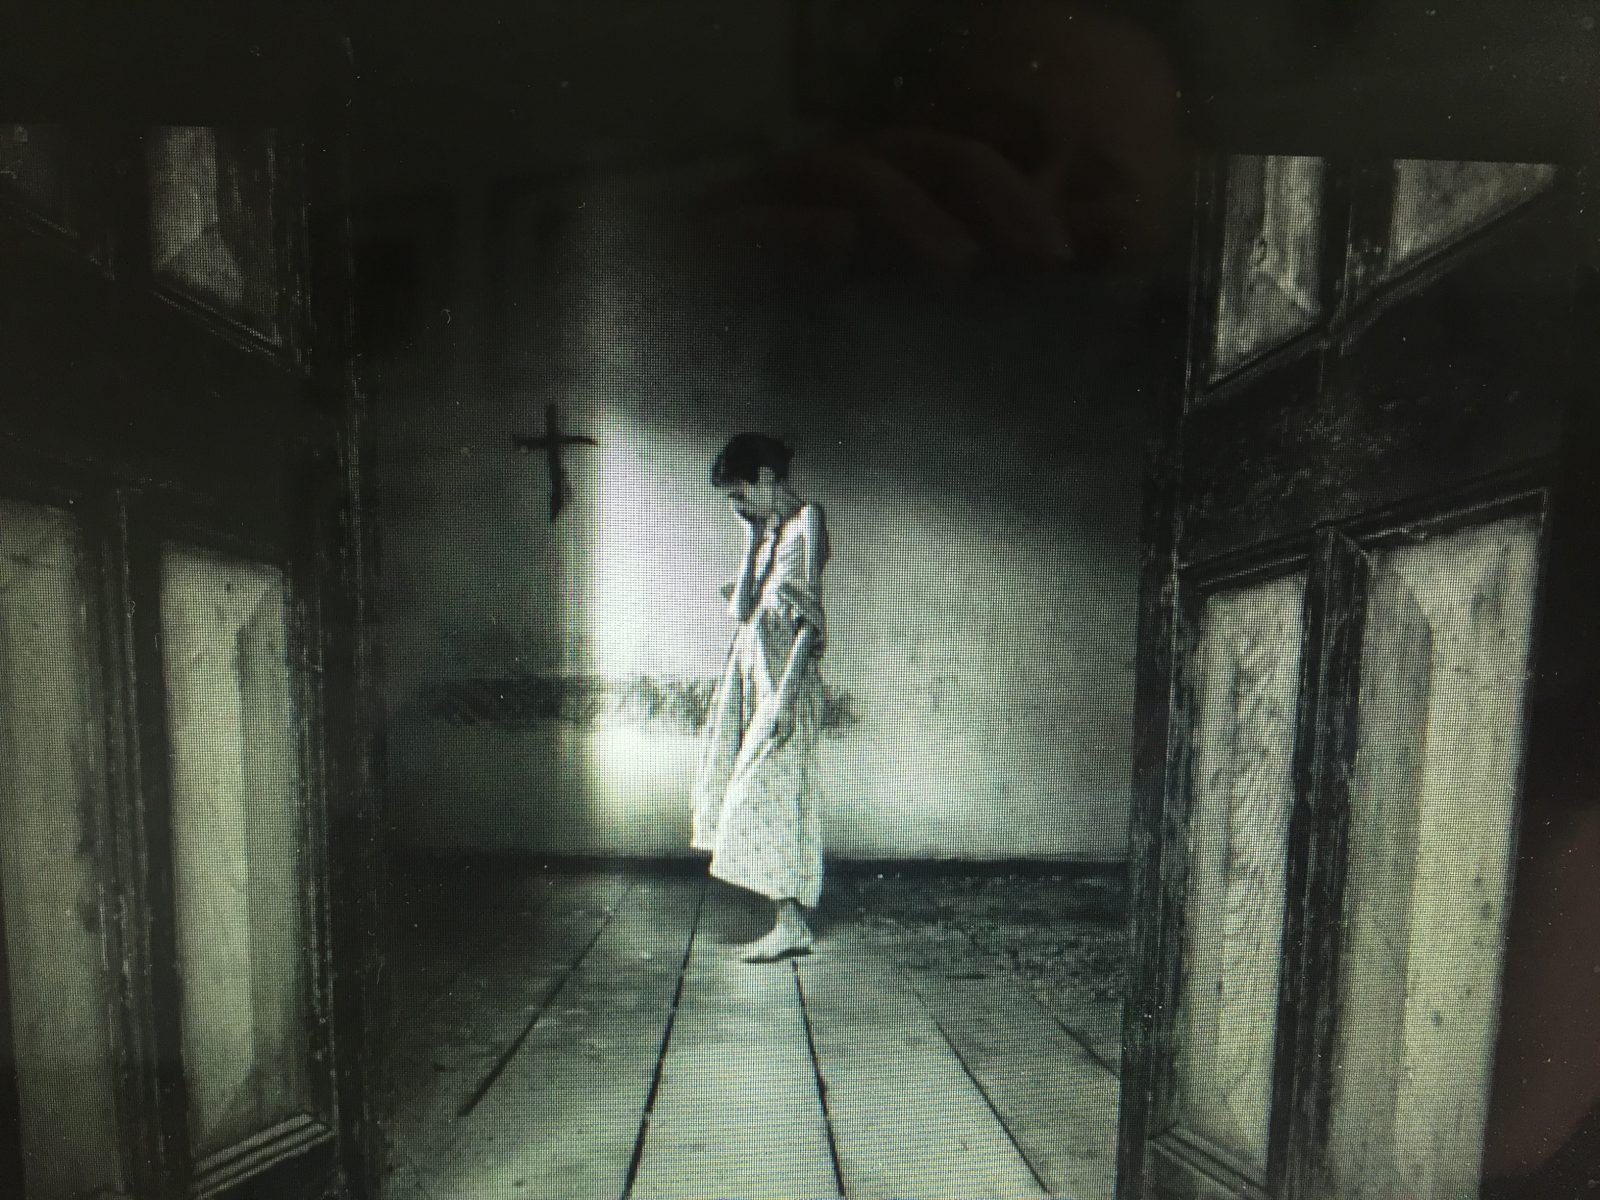 Lene Marie Fossen - Self Portrait - CPH:DOX